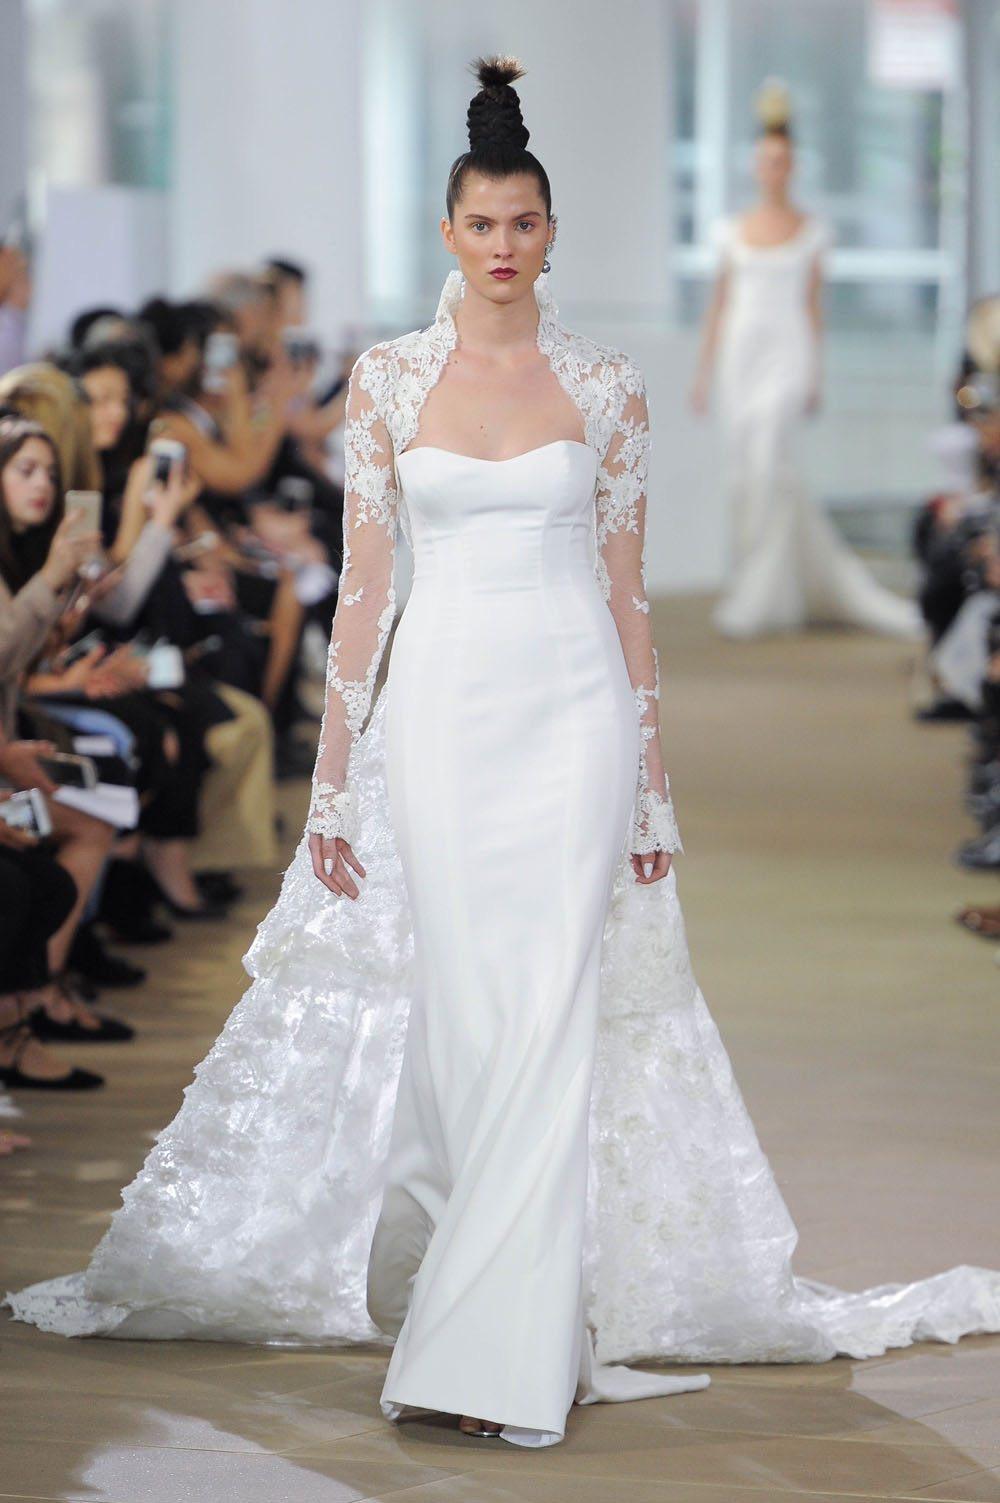 Gaun pernikahan dengan kardigan